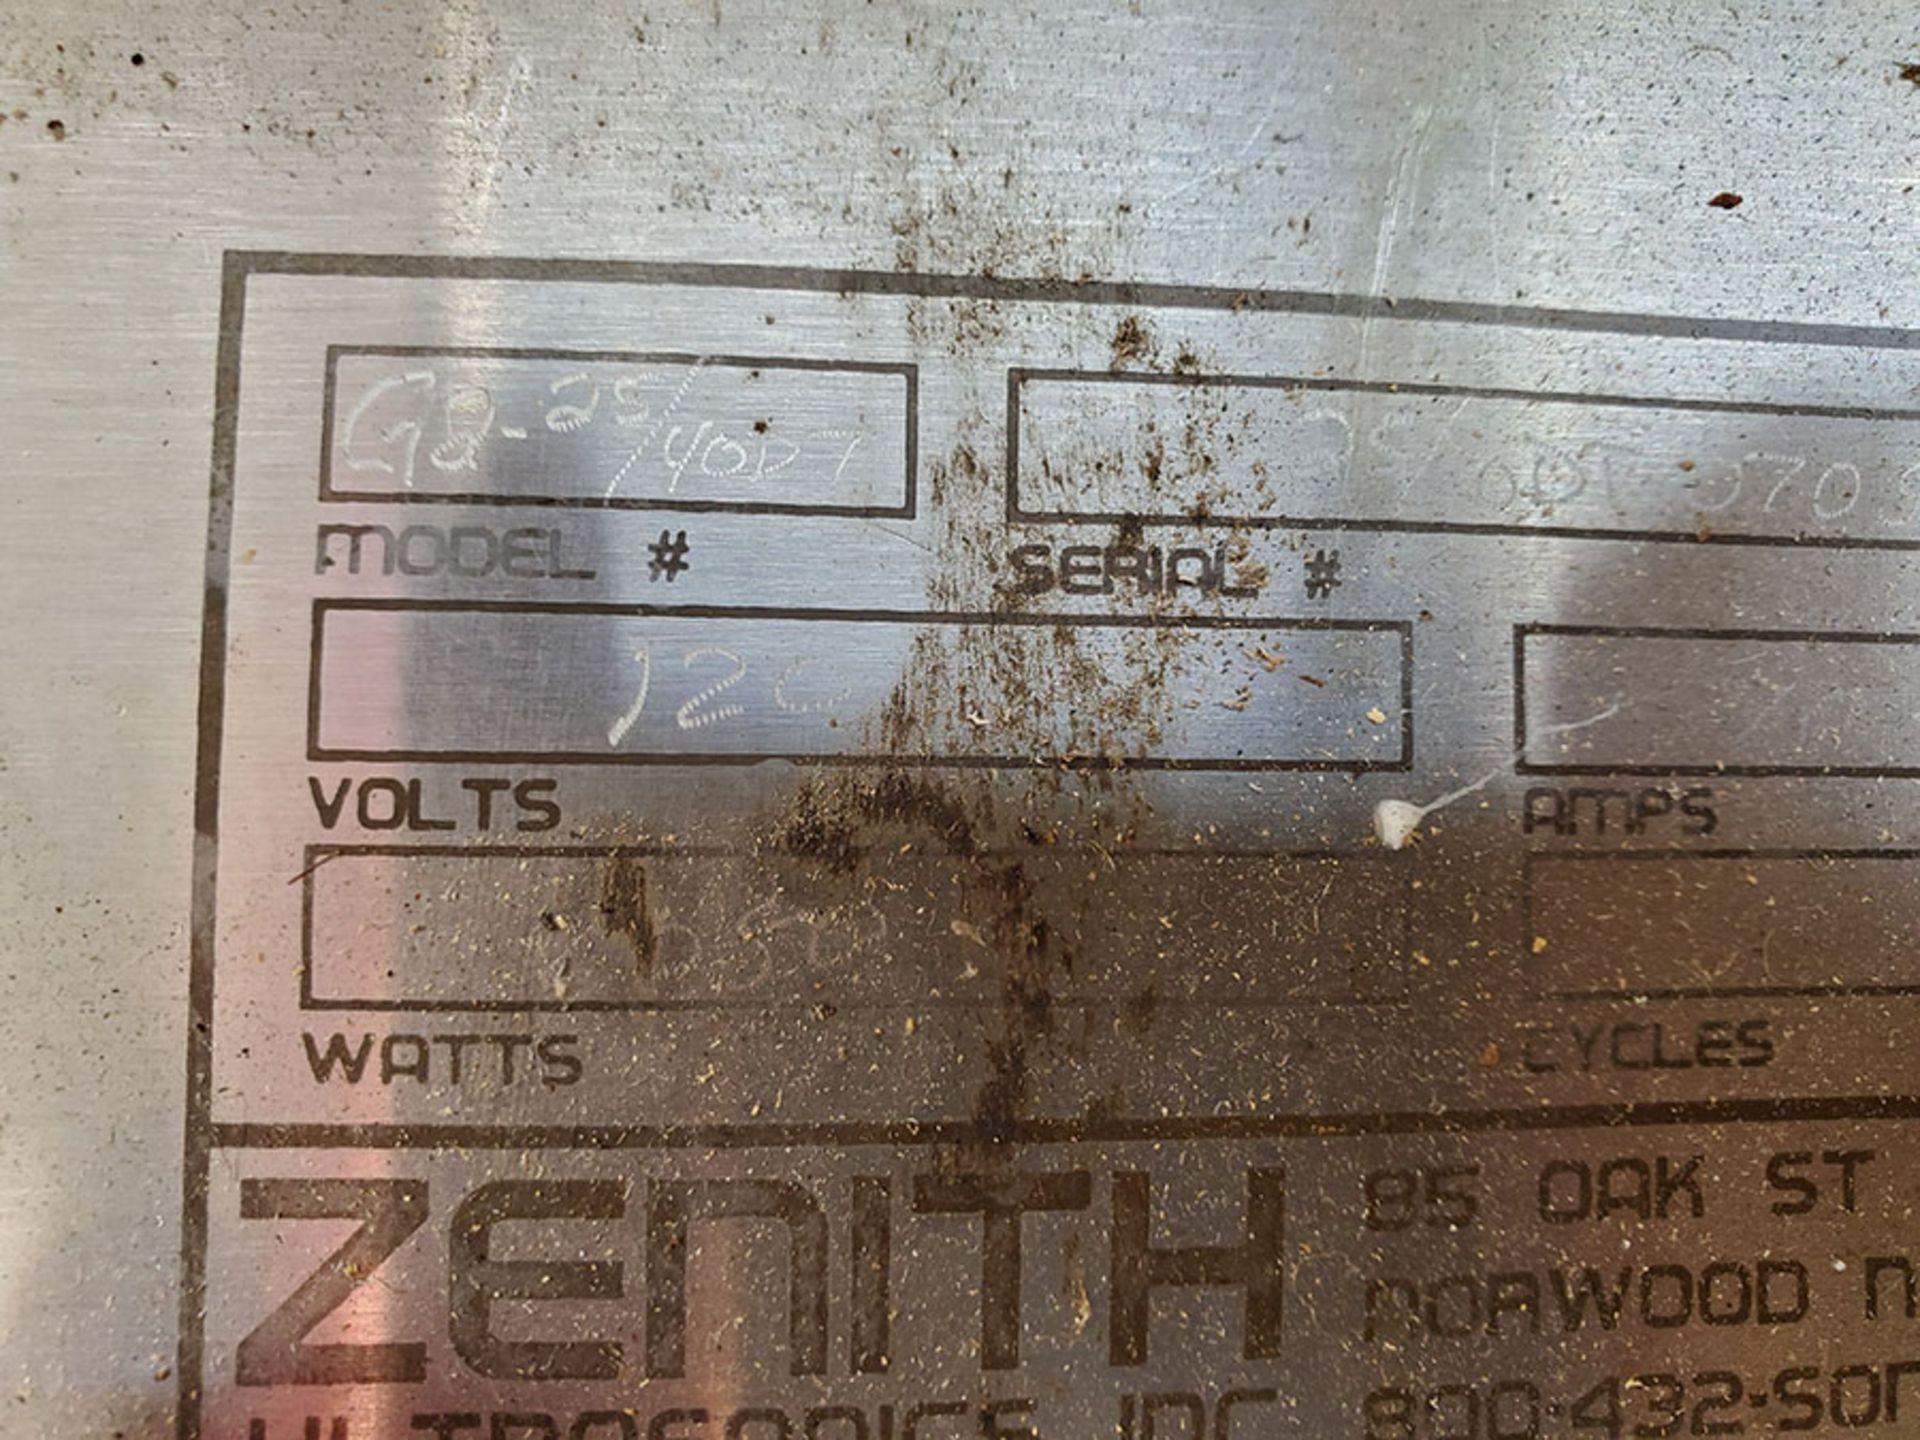 Lot 195 - ZENITH ULTRASONIC WASHER; MODEL 2540DT